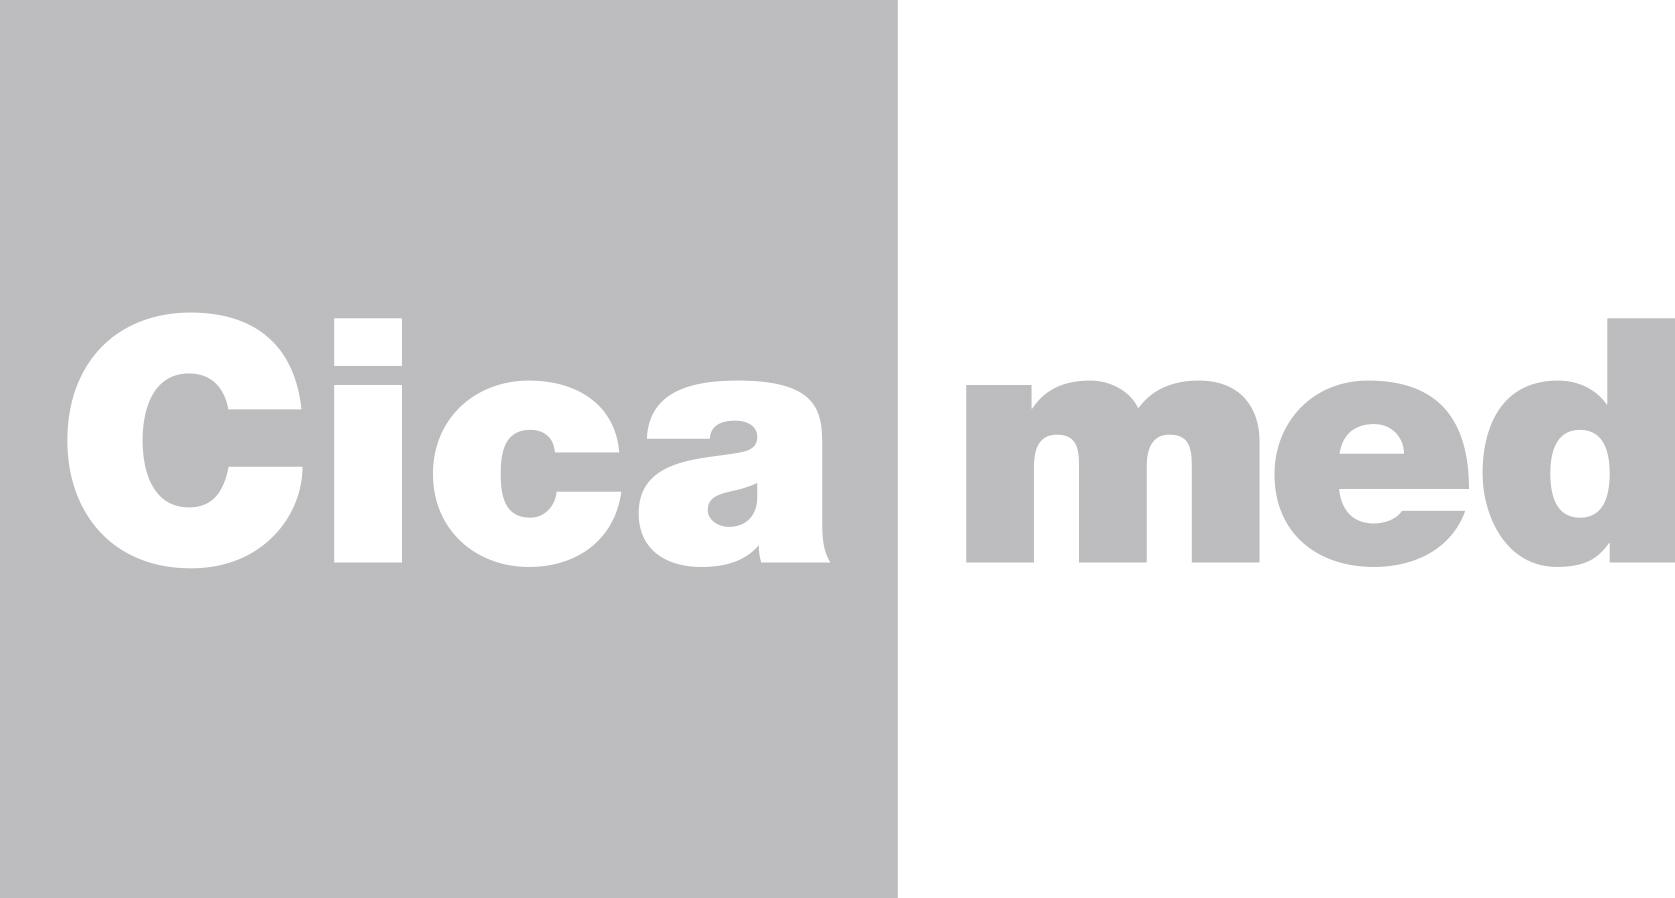 Cicamed-logo_CG4 (1).jpg